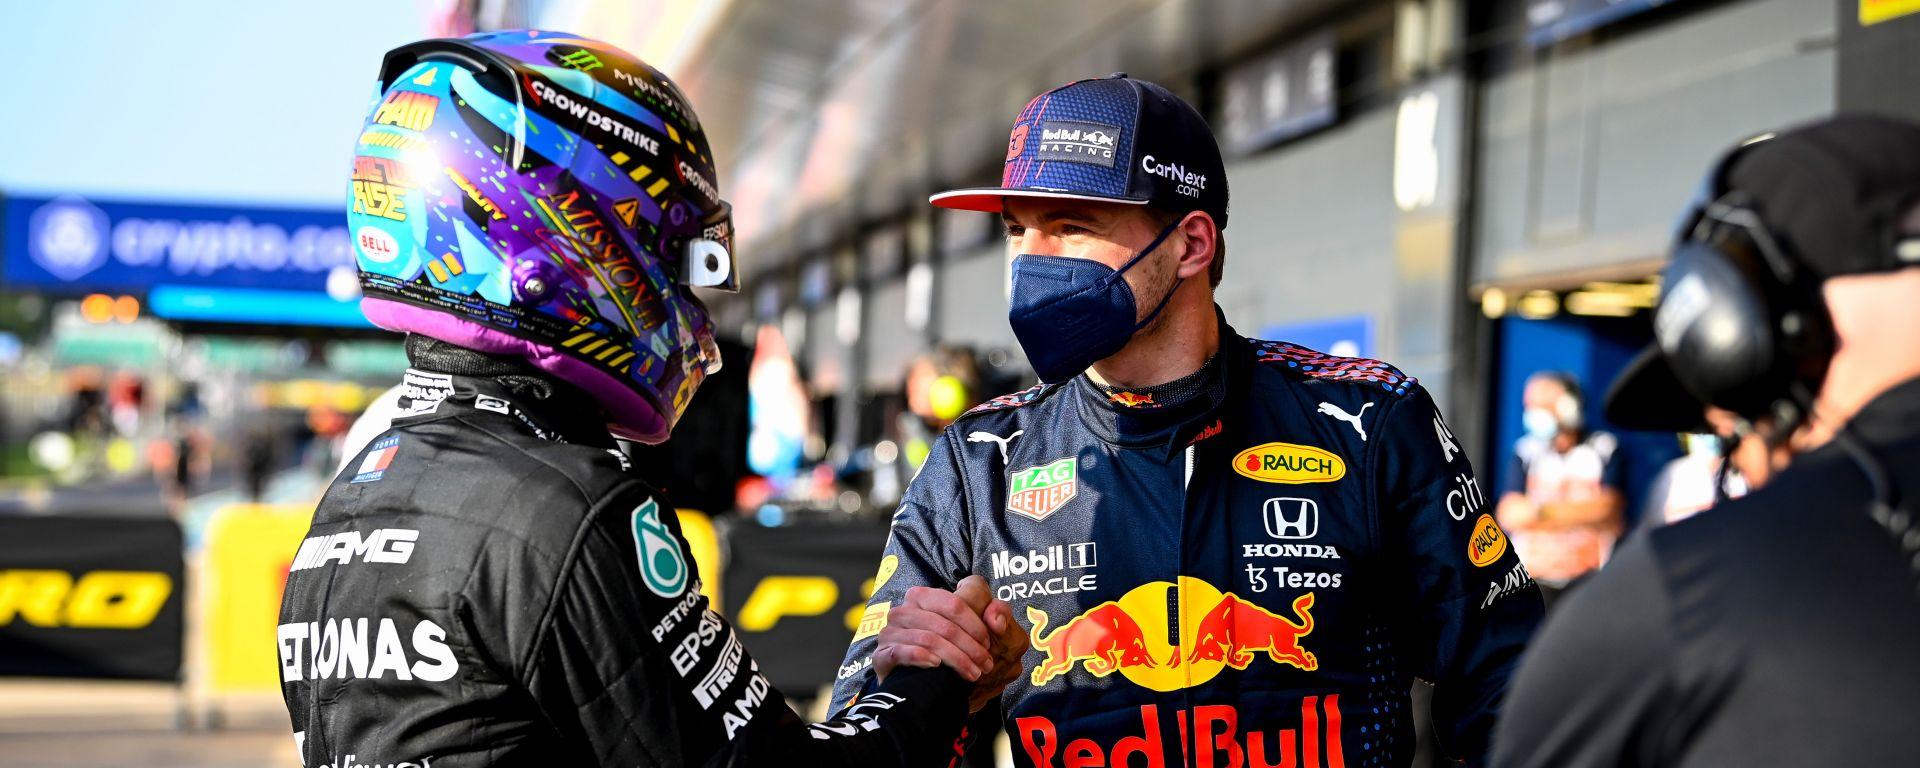 F1 GP Gran Bretagna 2021, Silverstone: Max Vertsappen (Red Bull) e Lewis Hamilton (Mercedes)